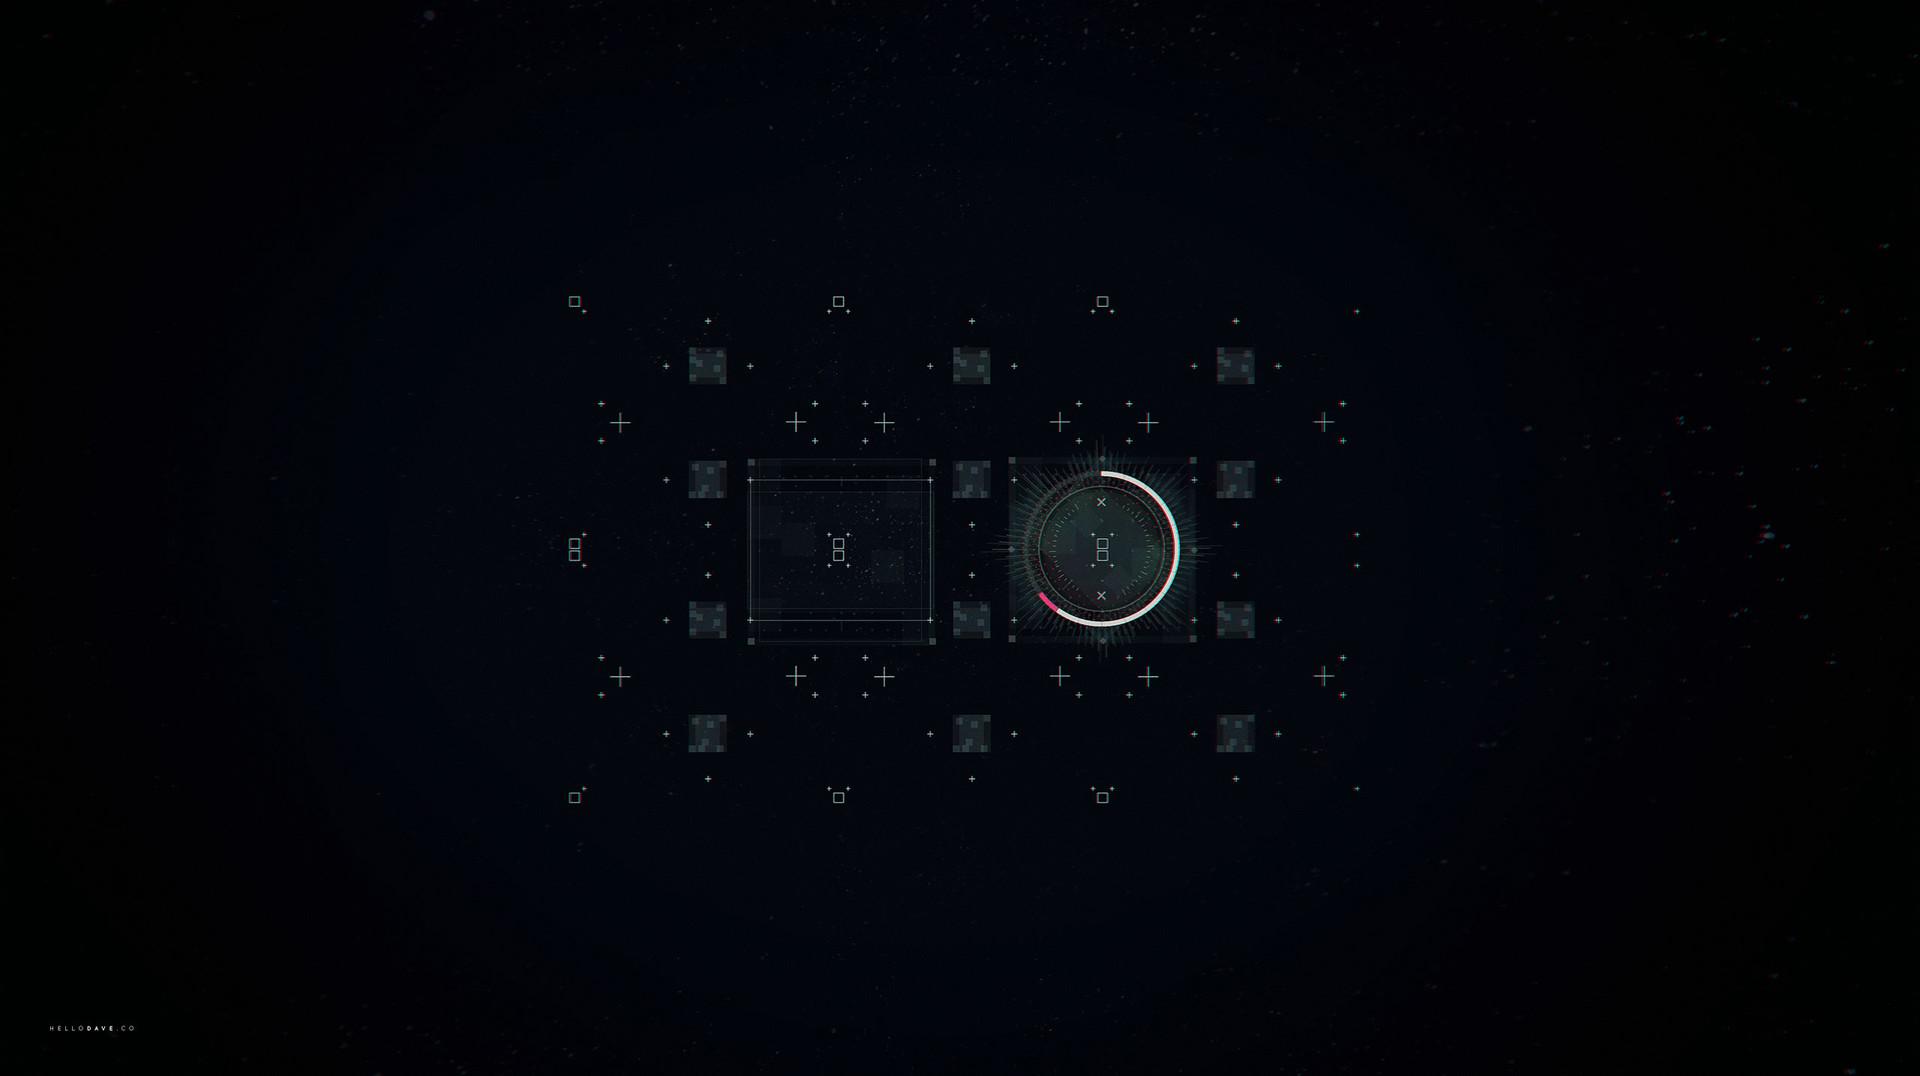 02_davison-carvalho-key-art-iteration-06-2560px